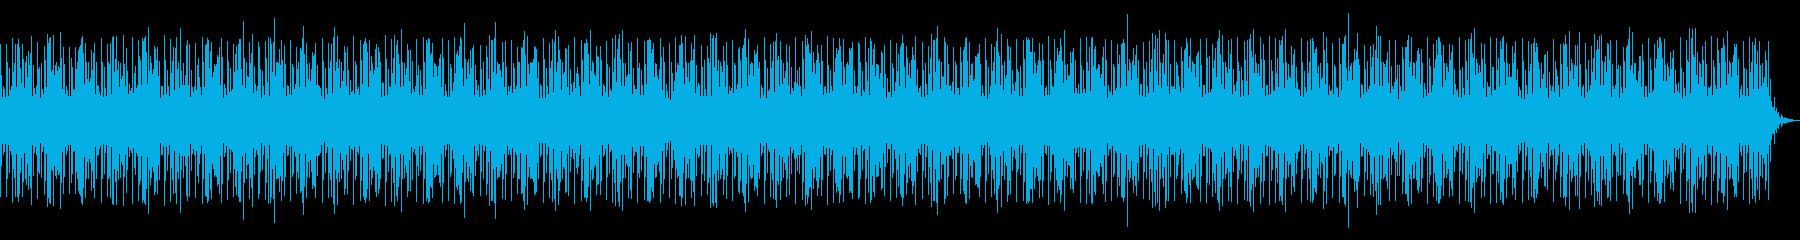 琴の乃木調子を使った和風な京都っぽい曲の再生済みの波形